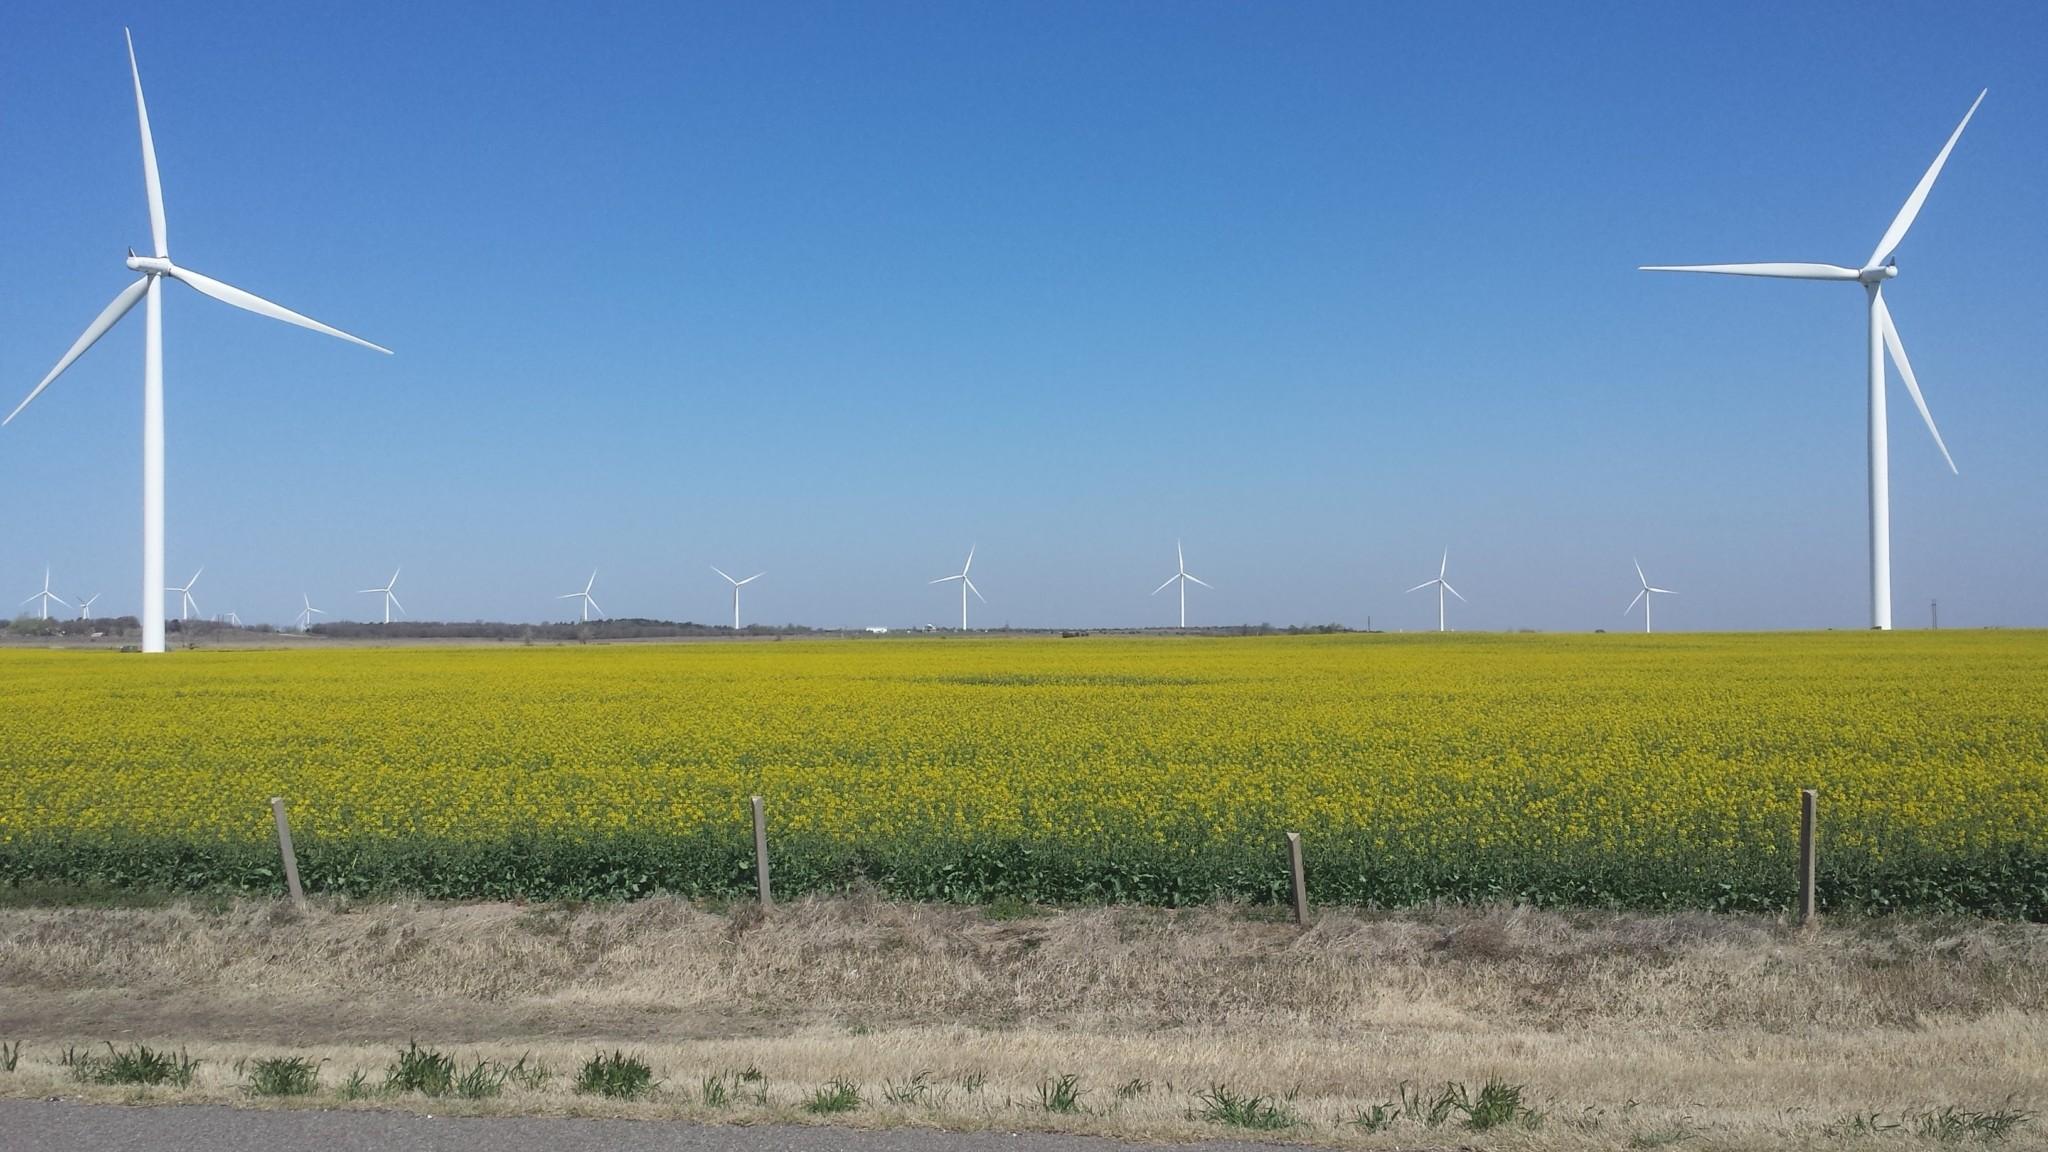 france filiere eolien transition energetique colloque - L'Energeek